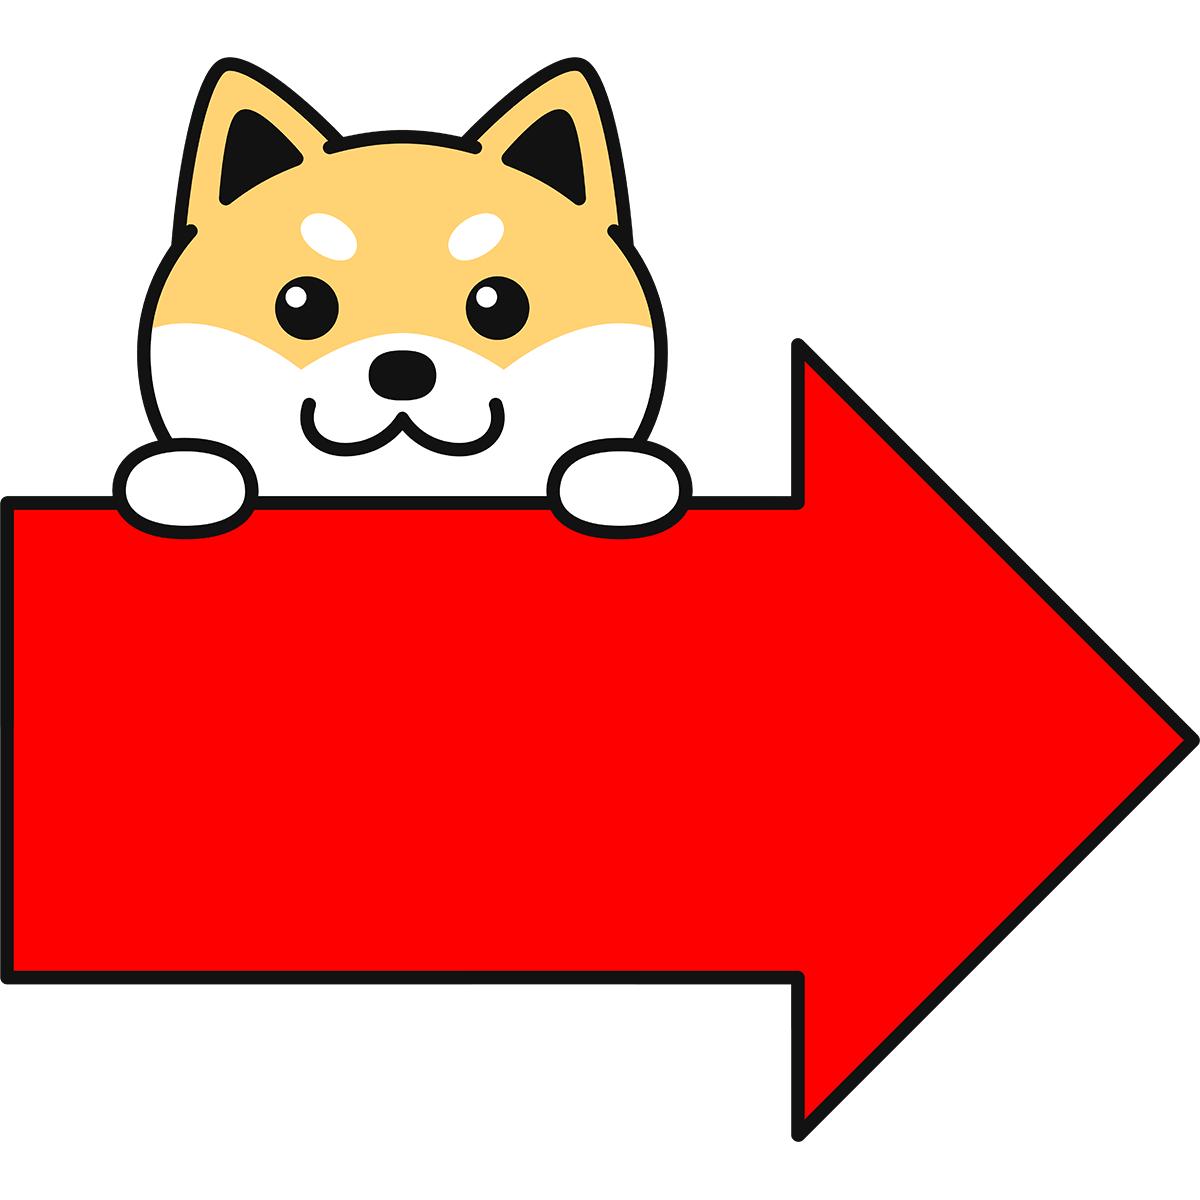 柴犬と矢印の無料イラスト